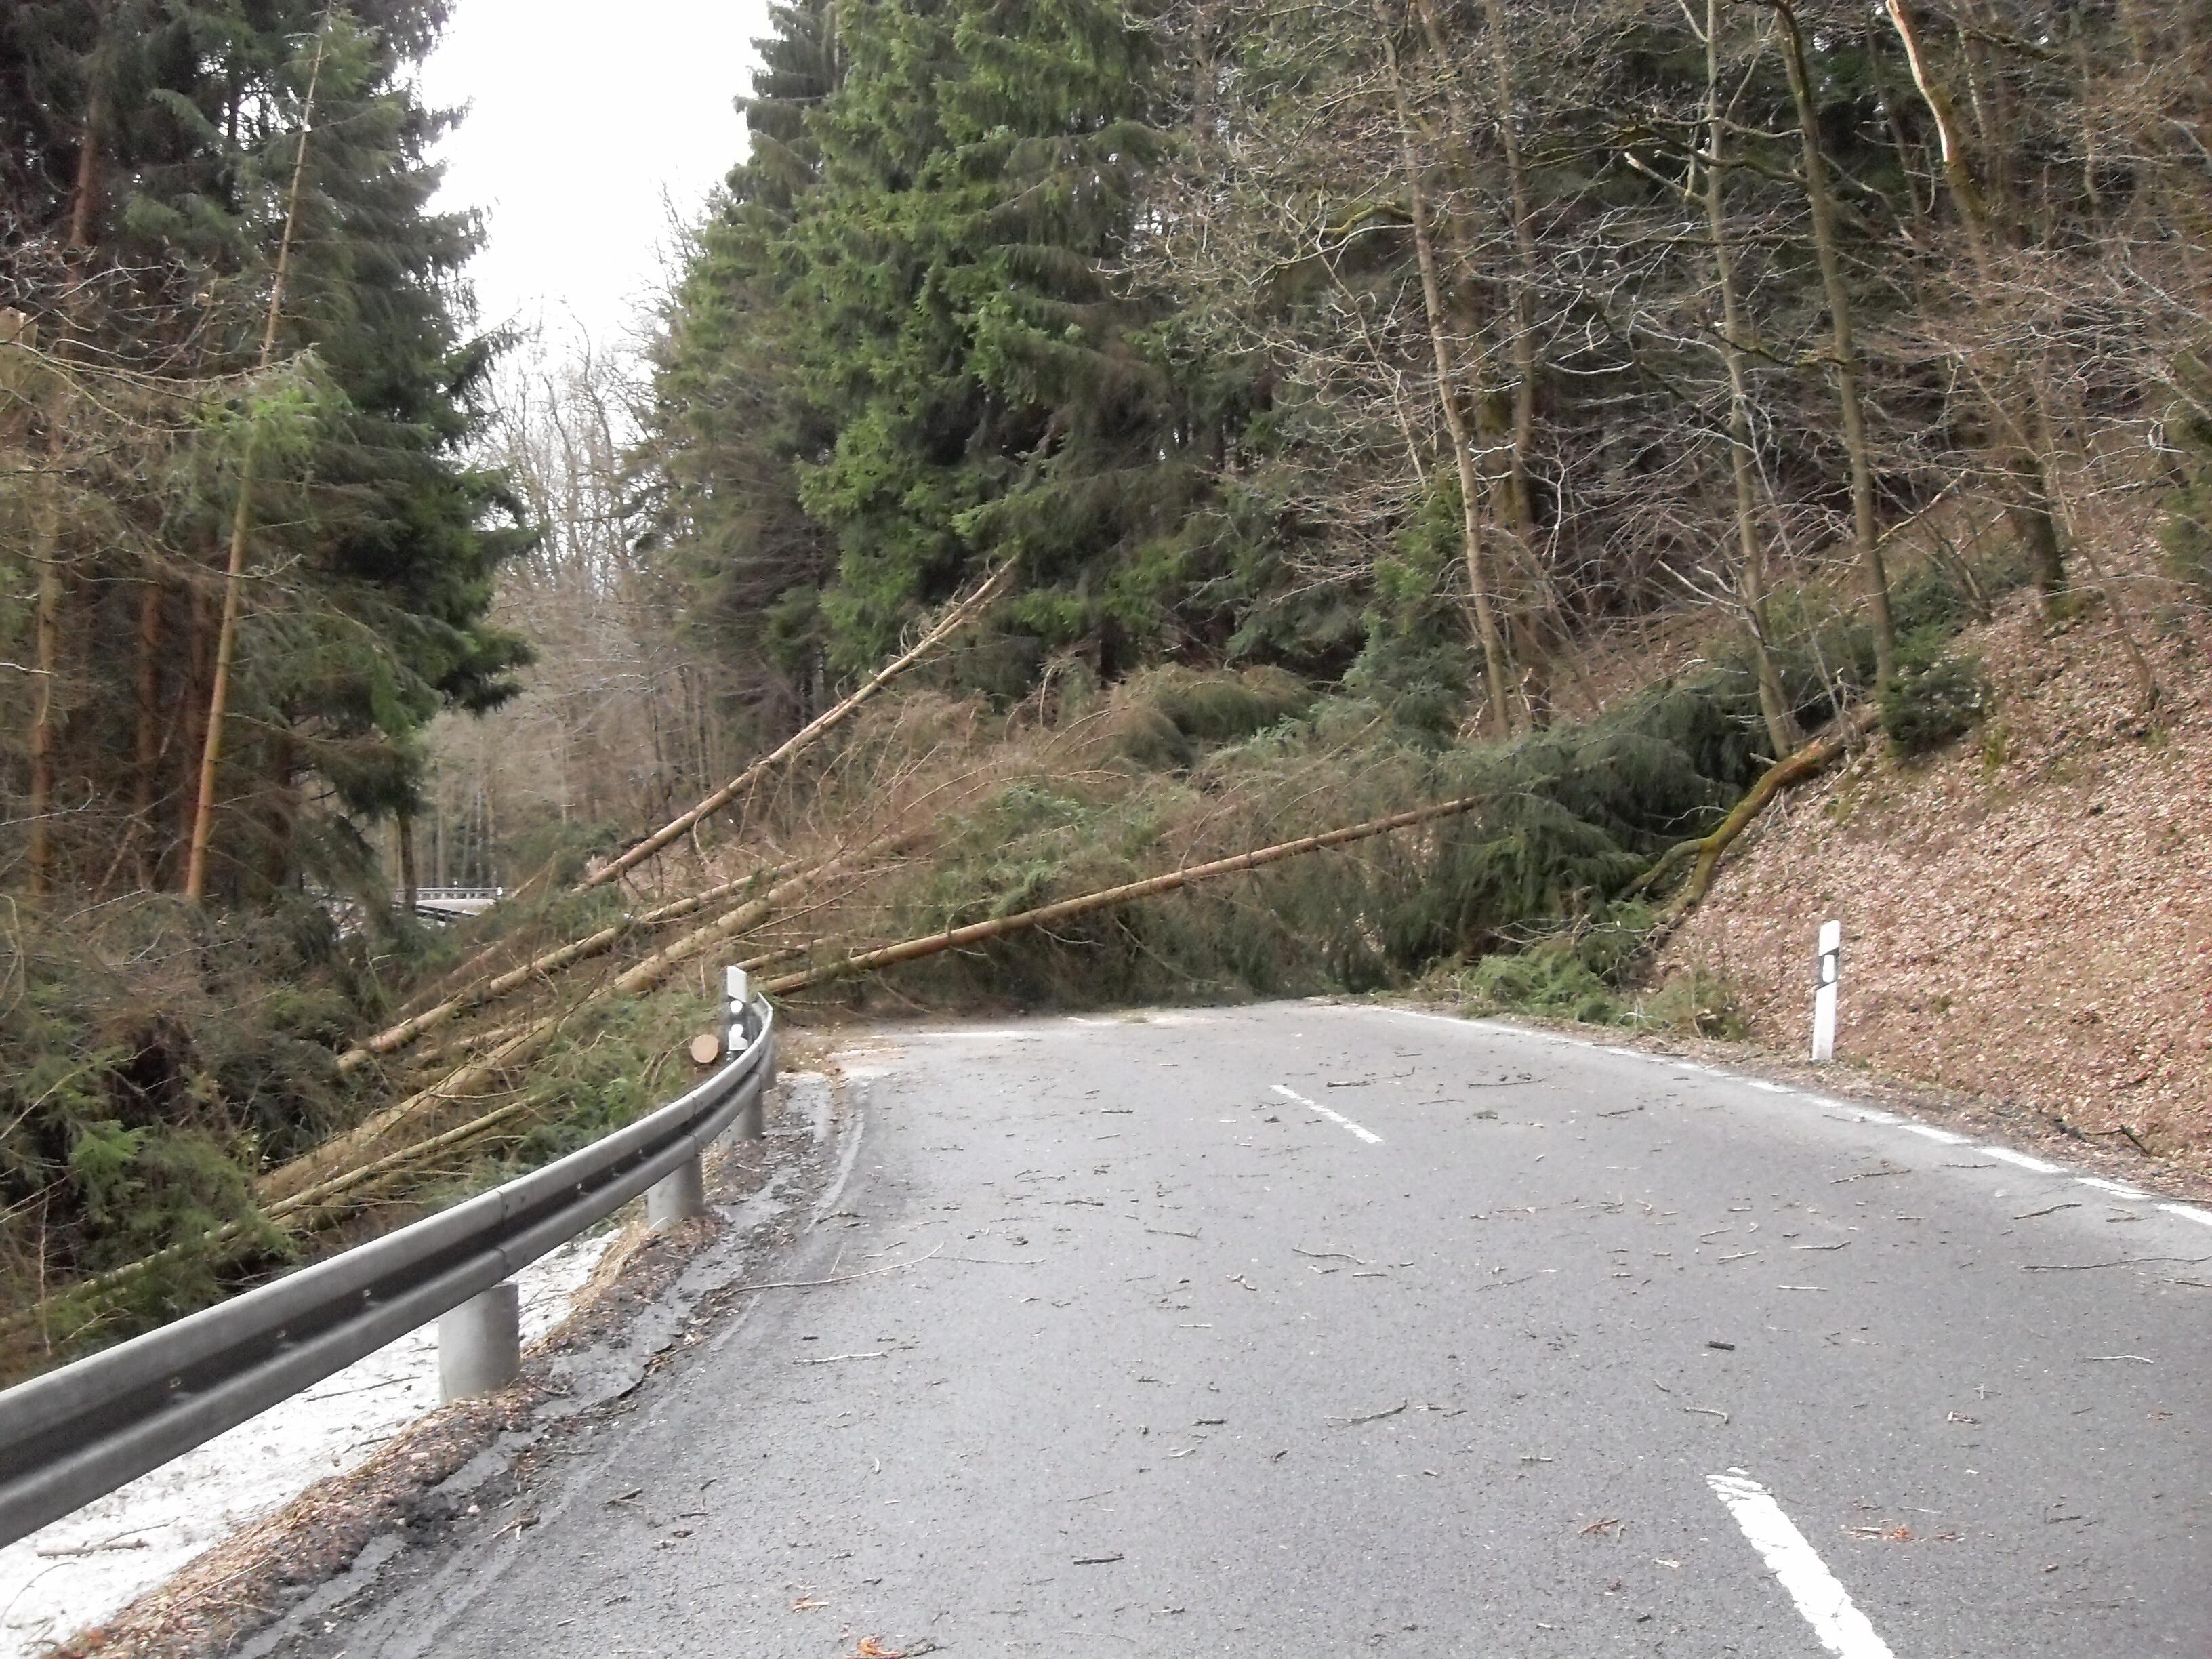 Avrupa'da Fırtına Felaketi: 13 Ölü!